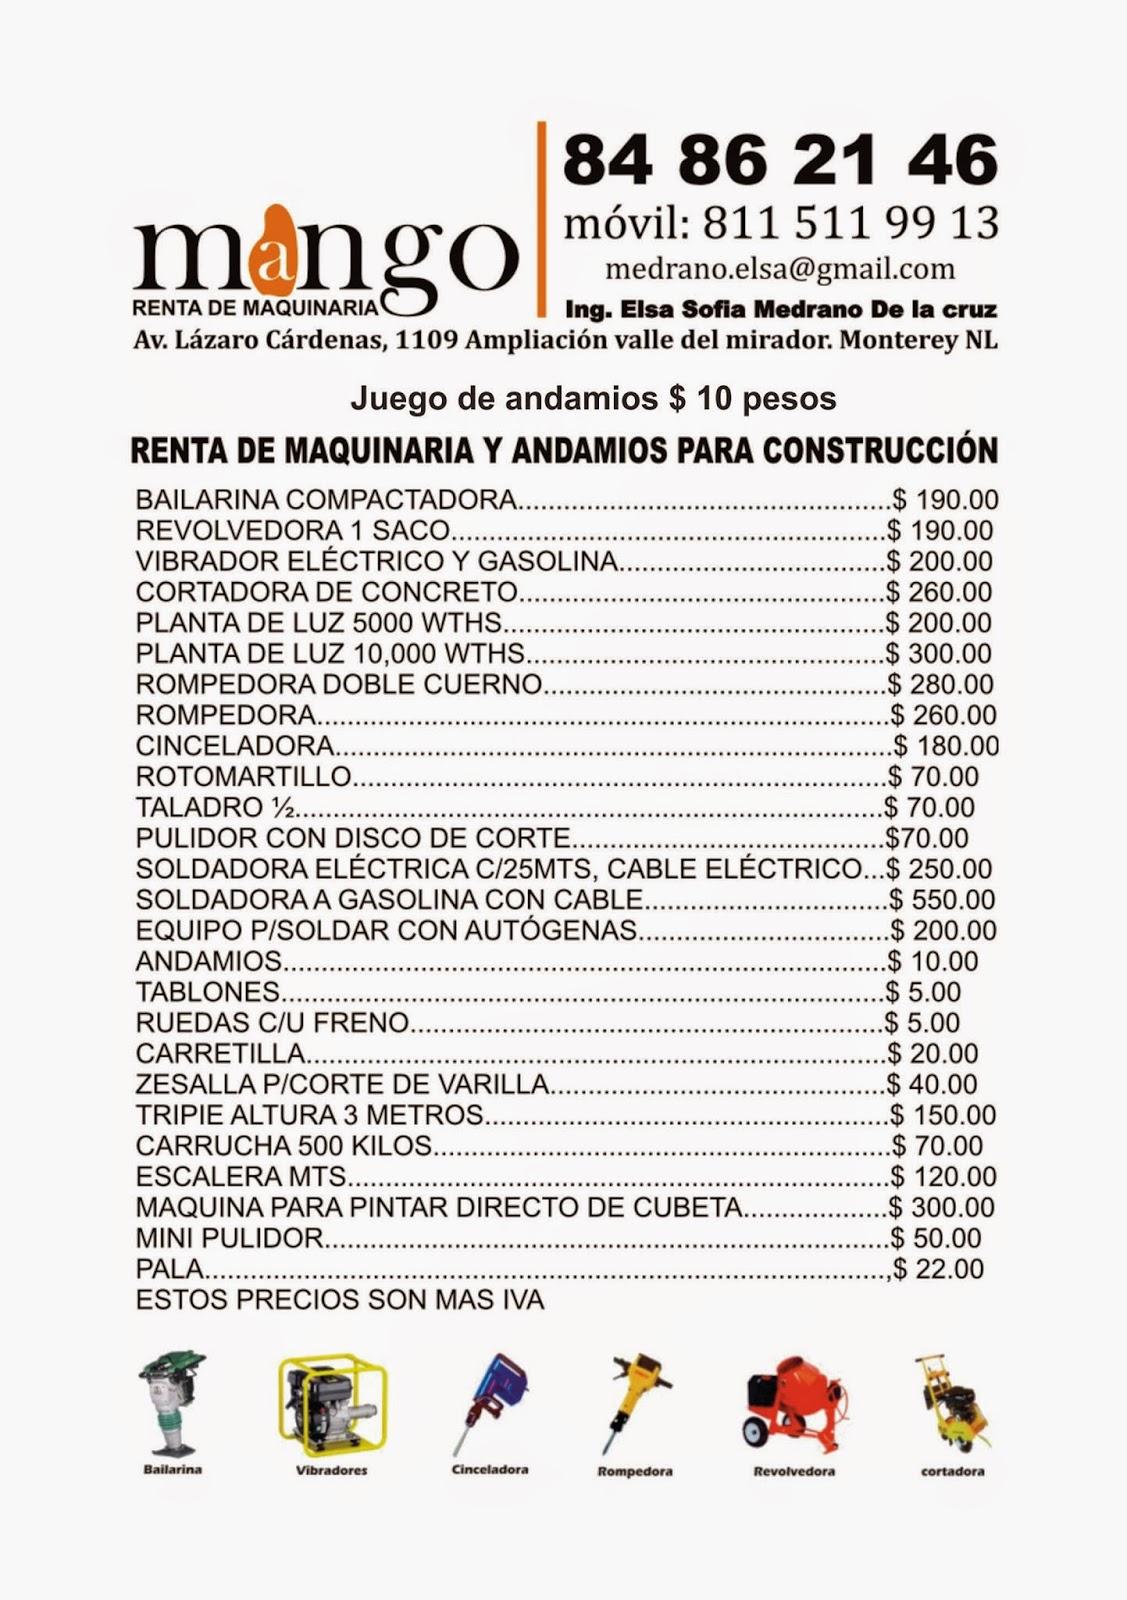 Andamios y renta de maquinaria para la construccion for Alquiler de andamios precios